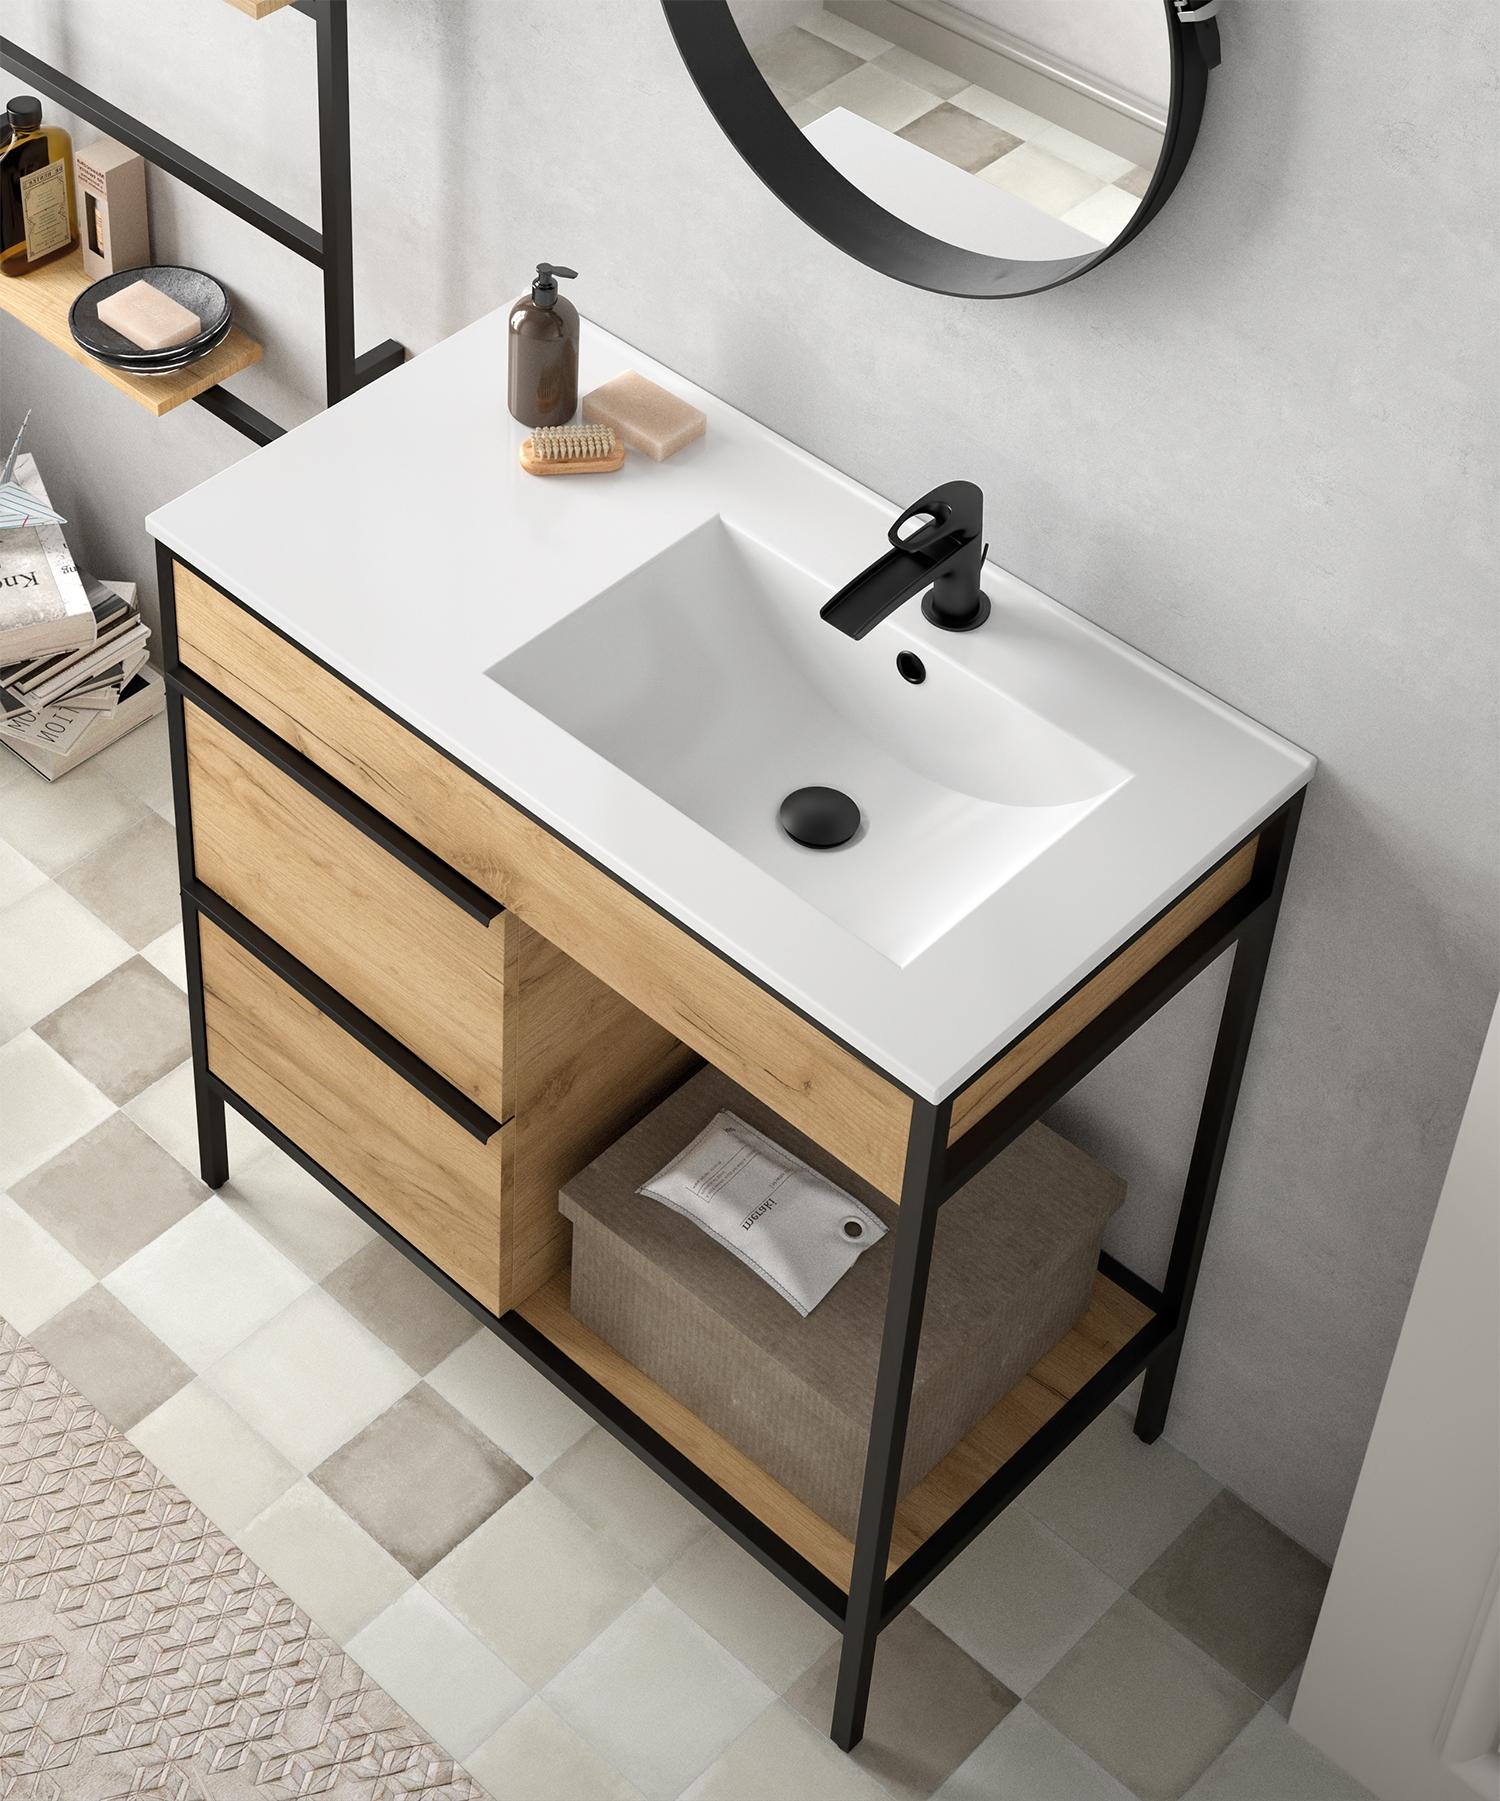 Muebles Davinci 100cm badkamermeubel met ge¯ntegreerde wastafel rechts